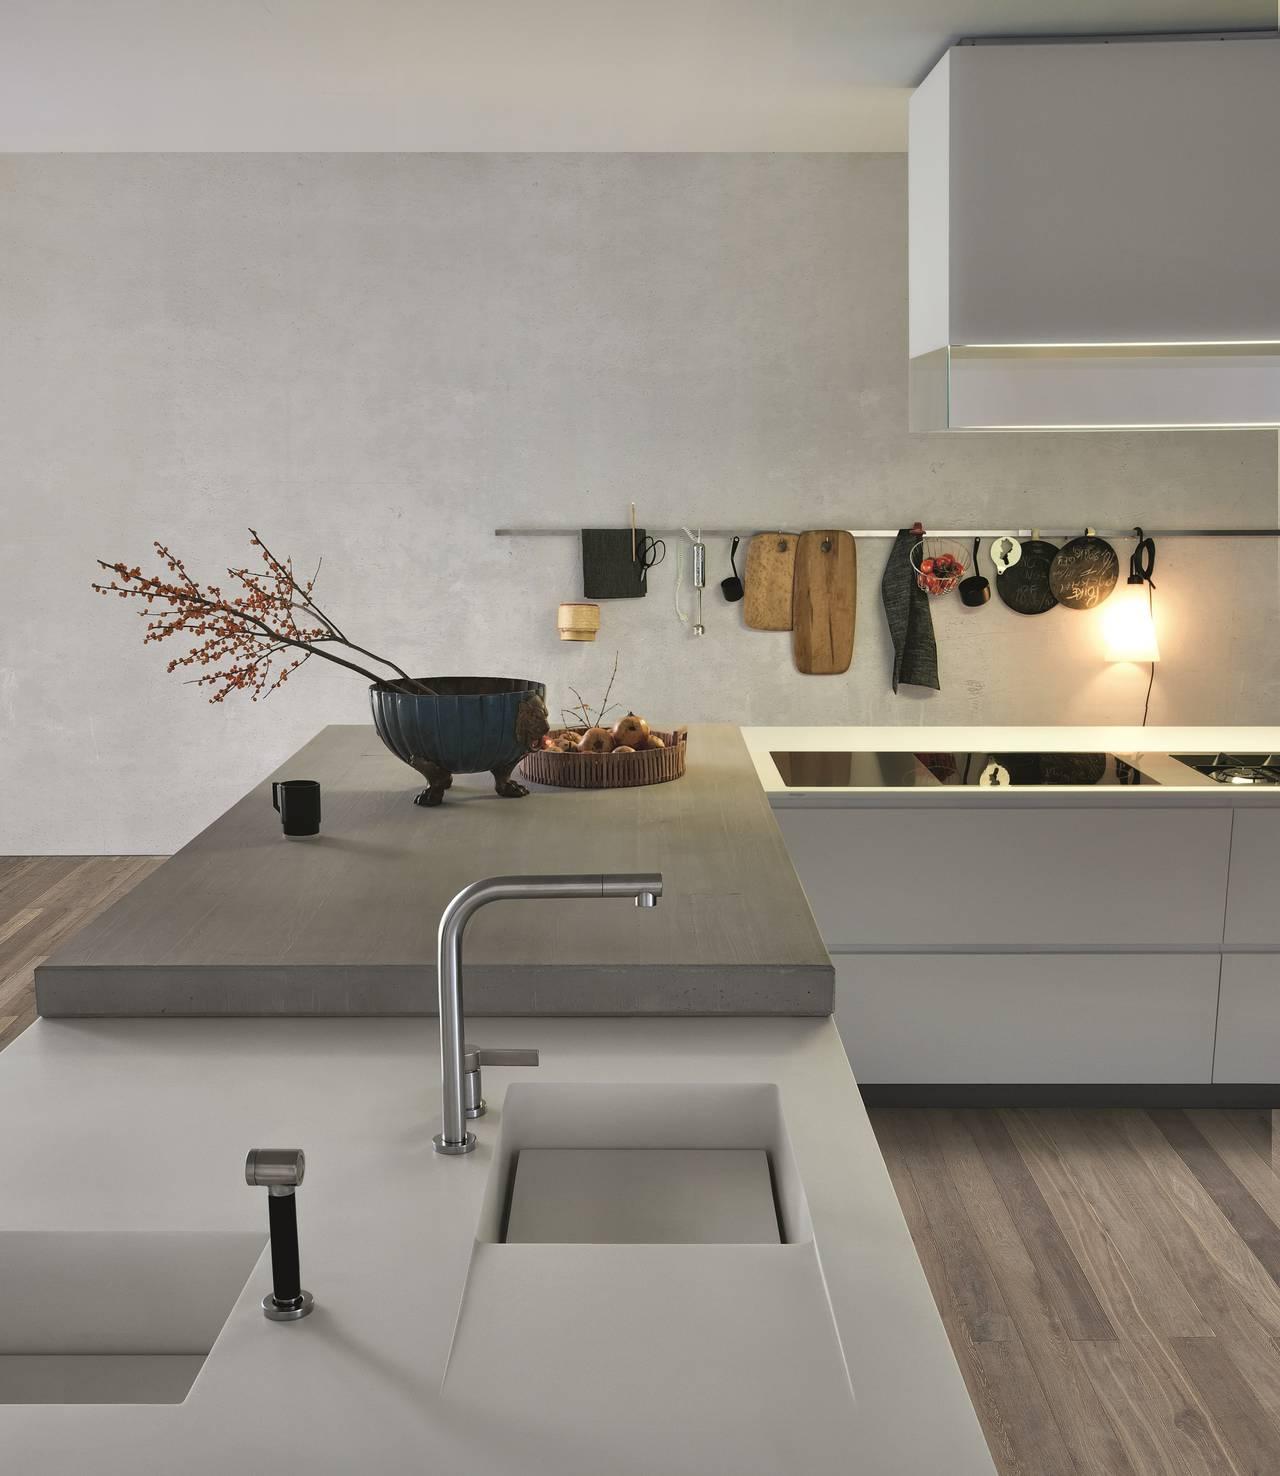 DuPont Corian per le cucine Varenna | Ambiente Cucina